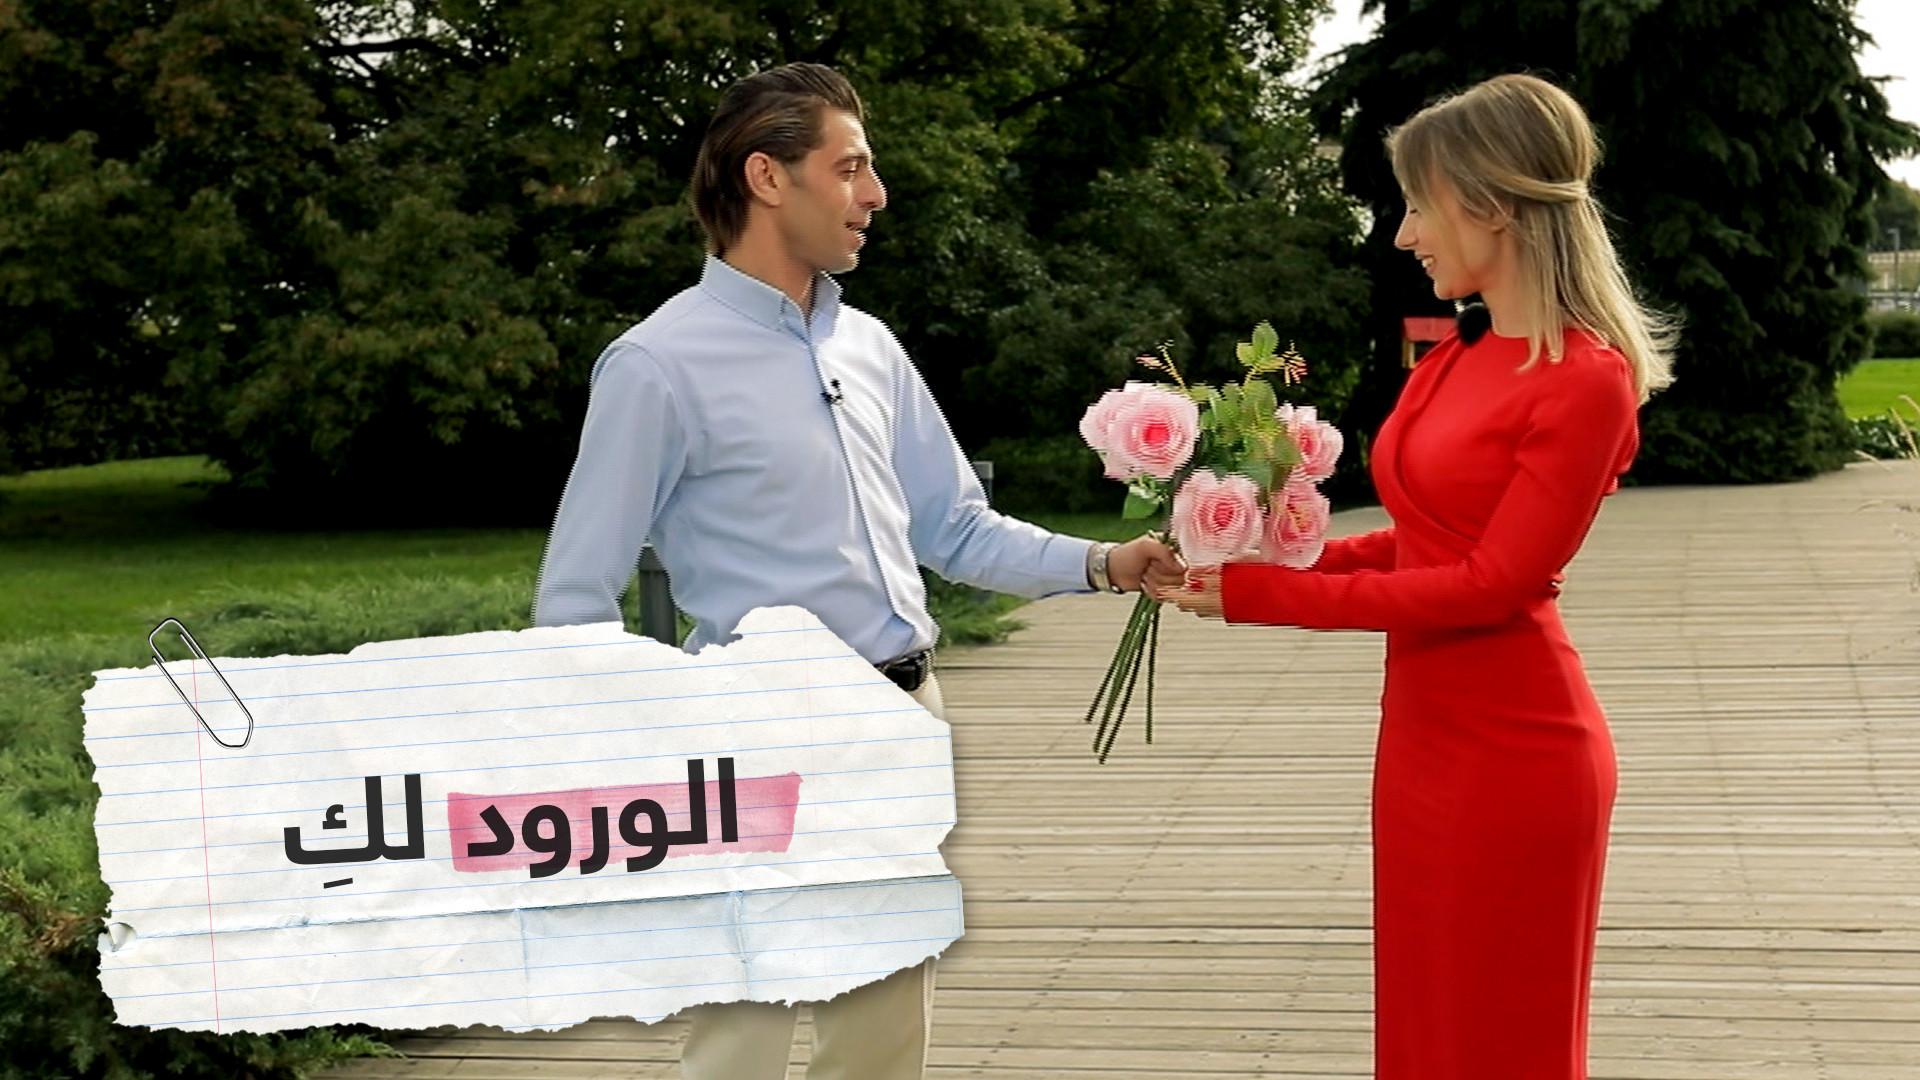 الممنوعات عند إهداء الورود للروسيات والكلمات الصحيحة